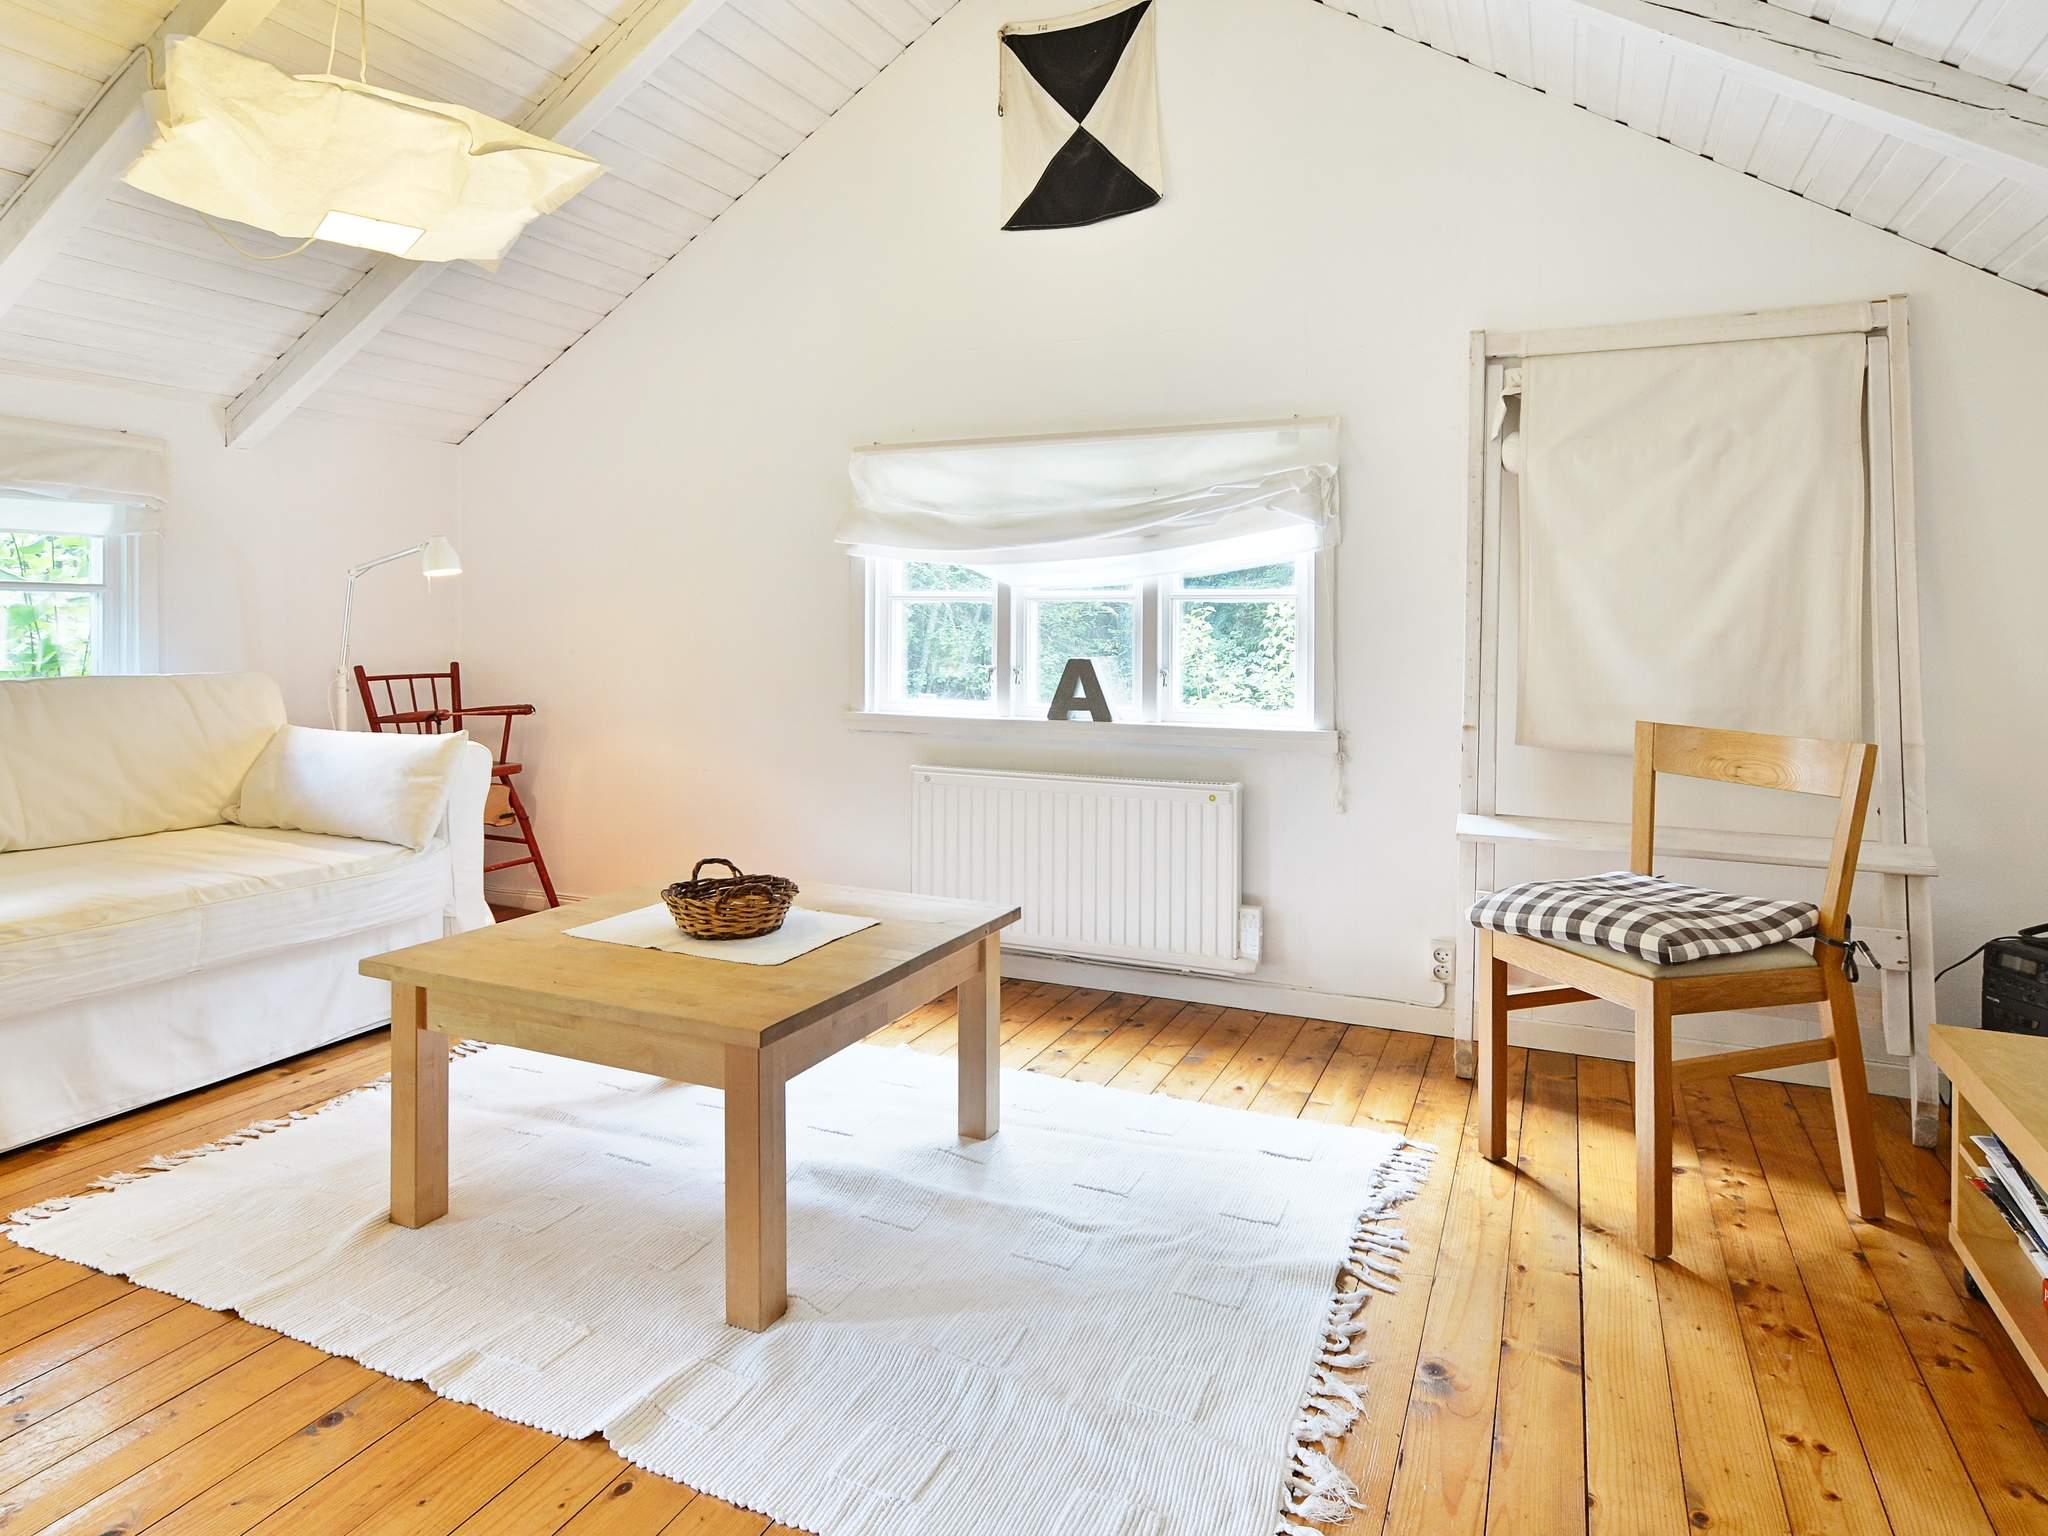 Ferienhaus Belganet (86864), Hallabro, Blekinge län, Südschweden, Schweden, Bild 4